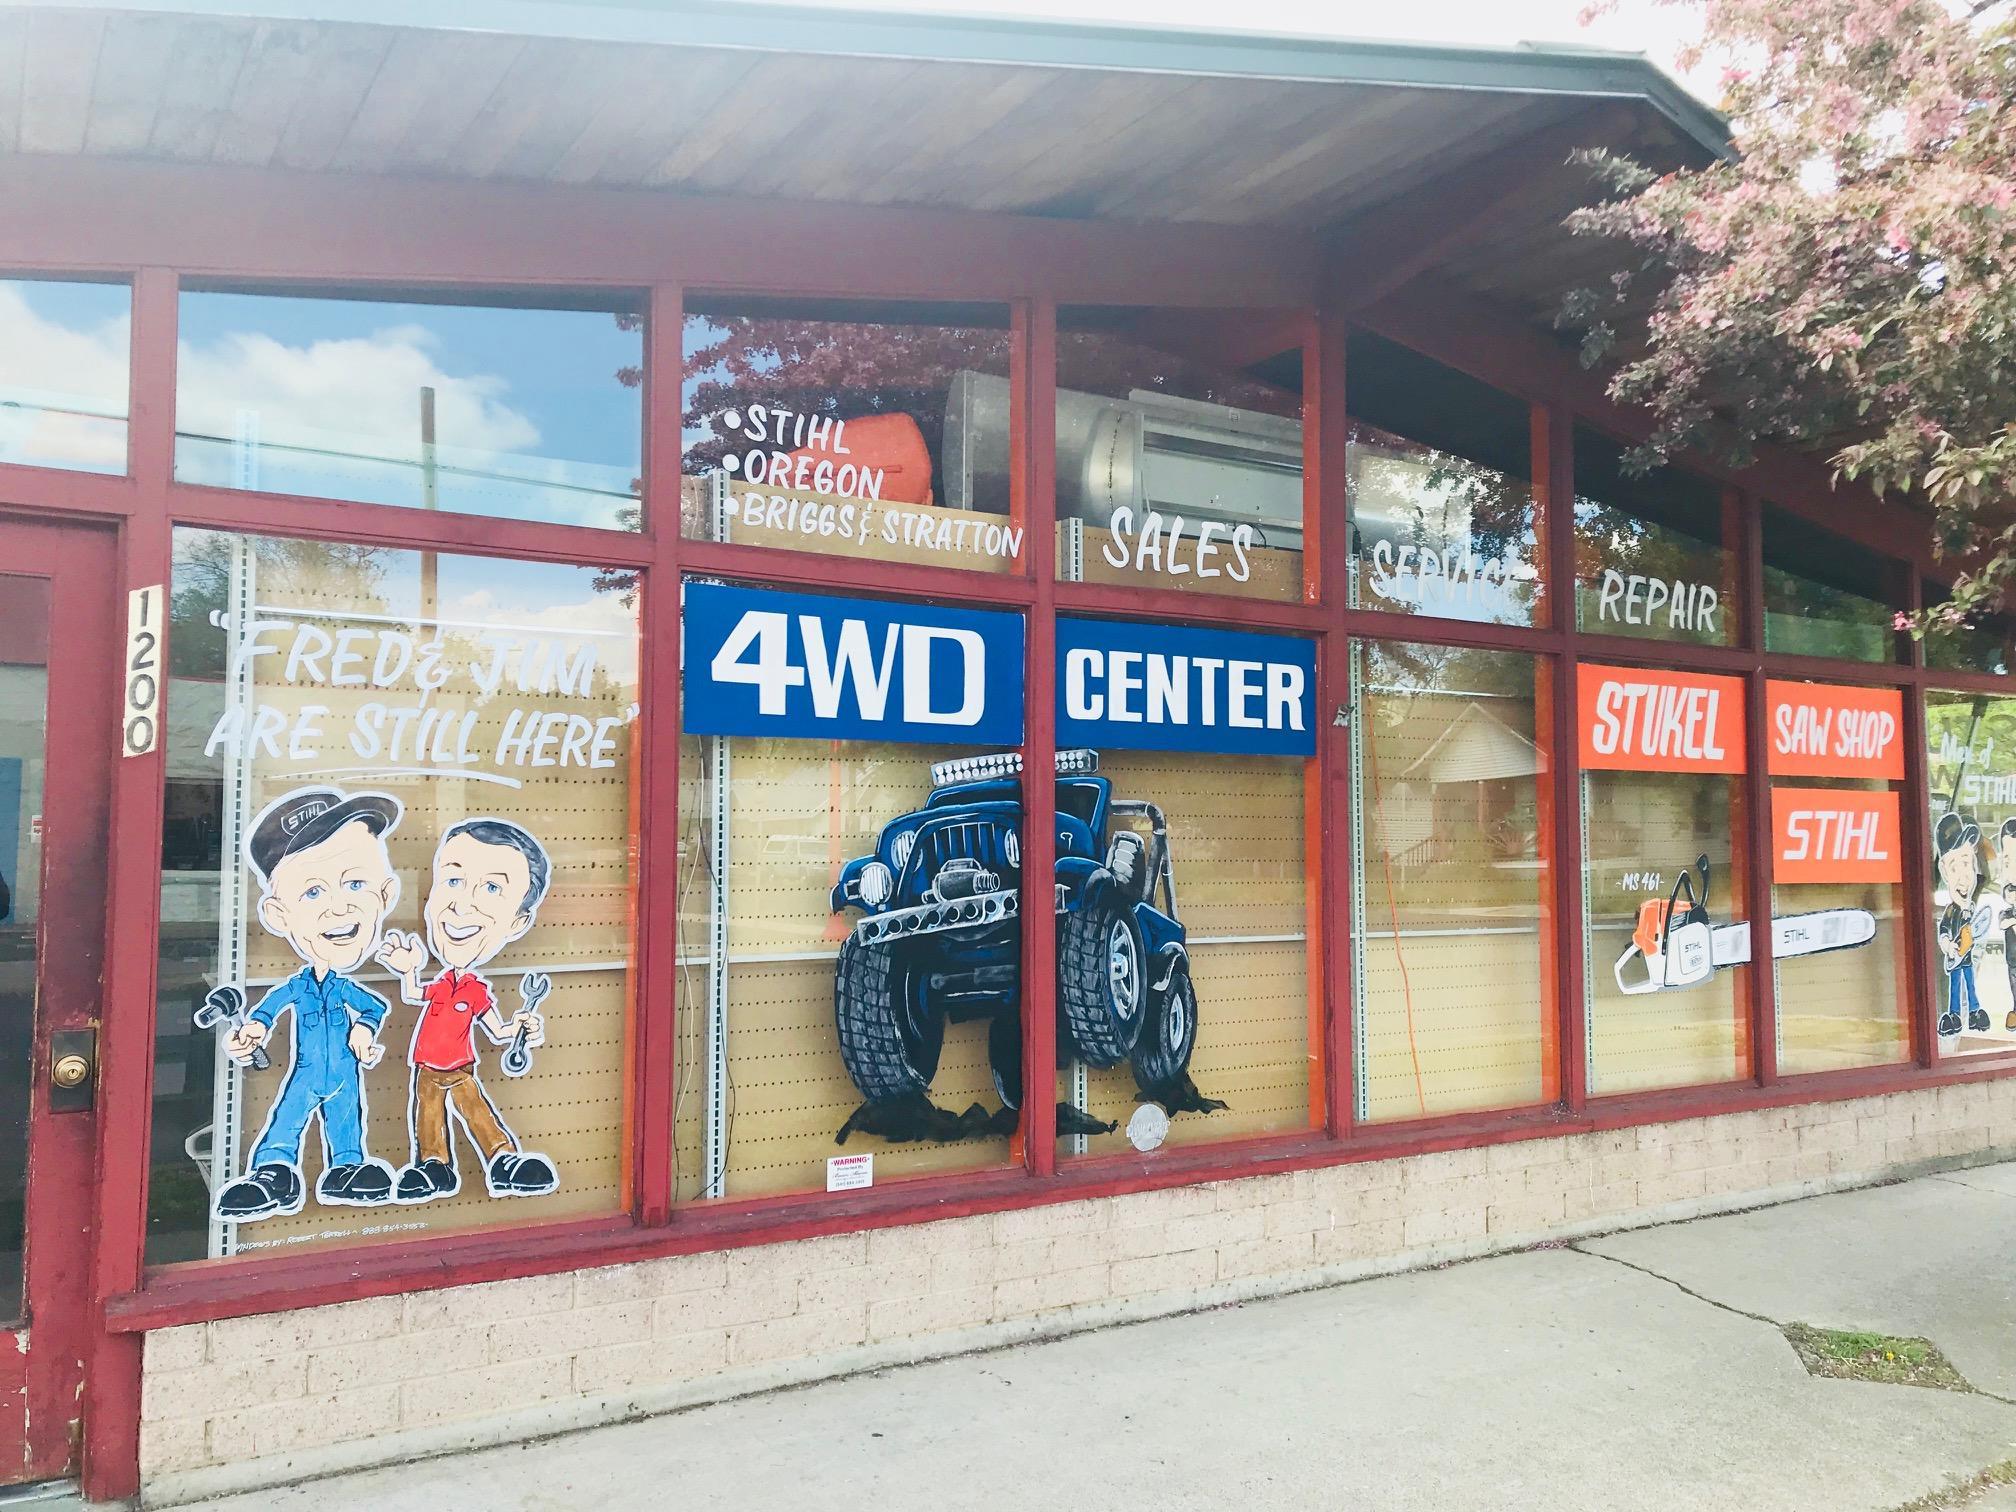 Stukel Saw Shop image 1